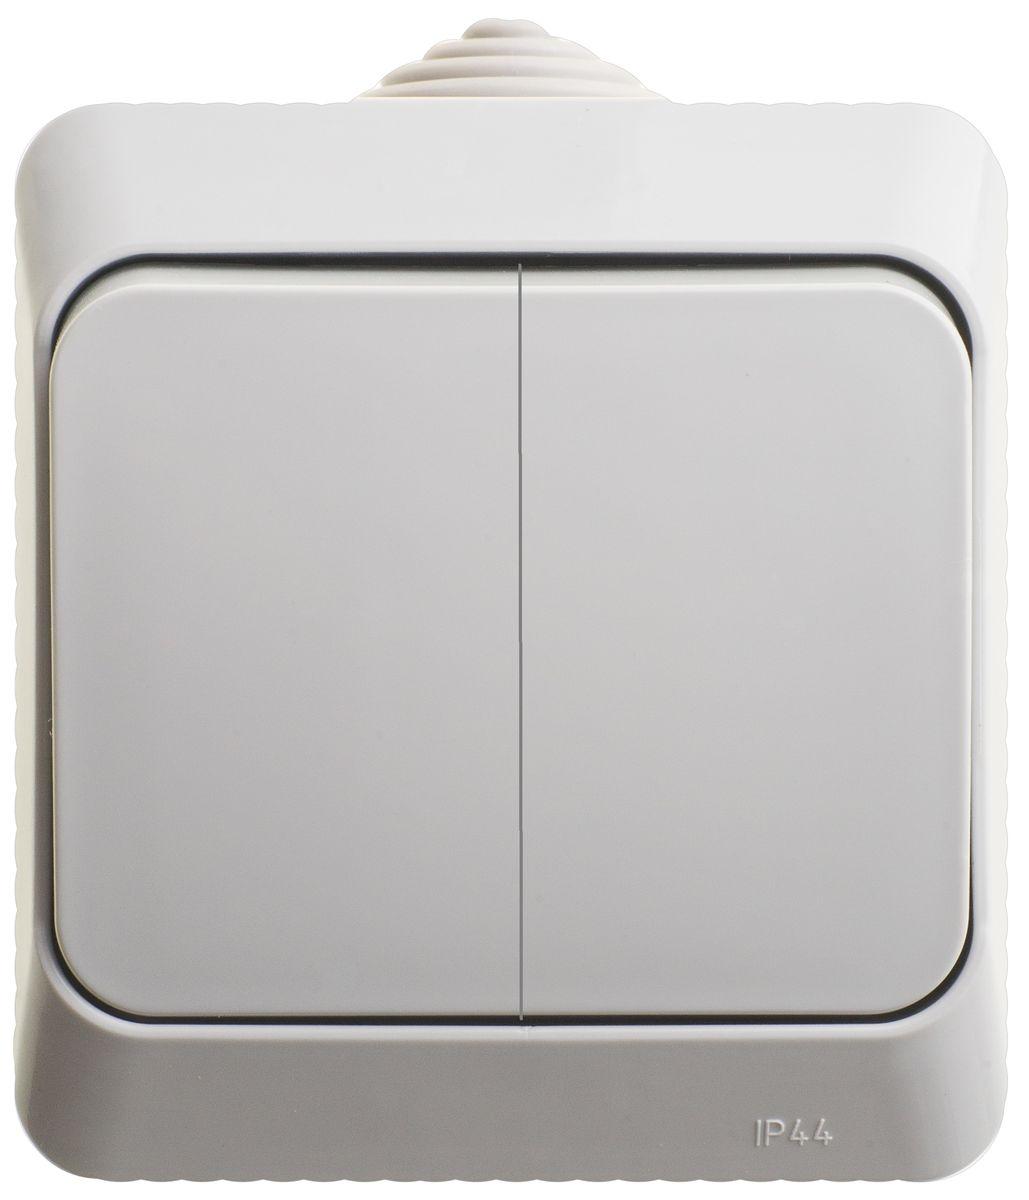 Выключатель Schneider Electric Этюд, двойной, цвет: серый. BA10-042BA10-042CВыключатель двухклавишный Schneider Electric Этюд используется для открытой установки. Удачное решение для дома и дачи. Изделие выполнено из композиции высококачественного пластика, специальное покрытие не позволяет пыли собираться на поверхности. Степень защиты от влаги IP44 позволяет устанавливать выключатель на улице или, например, в ванной. Функция выключателя: двухканальный. Тип контактов: 2 Н.О. Номинальный ток: 250 В. Диапазон мощности: 2300 Вт. Тип клемм: винтовые зажимы 2,5 мм2. Длина зачистки проводов: 11 мм. Степень защиты: IP44.